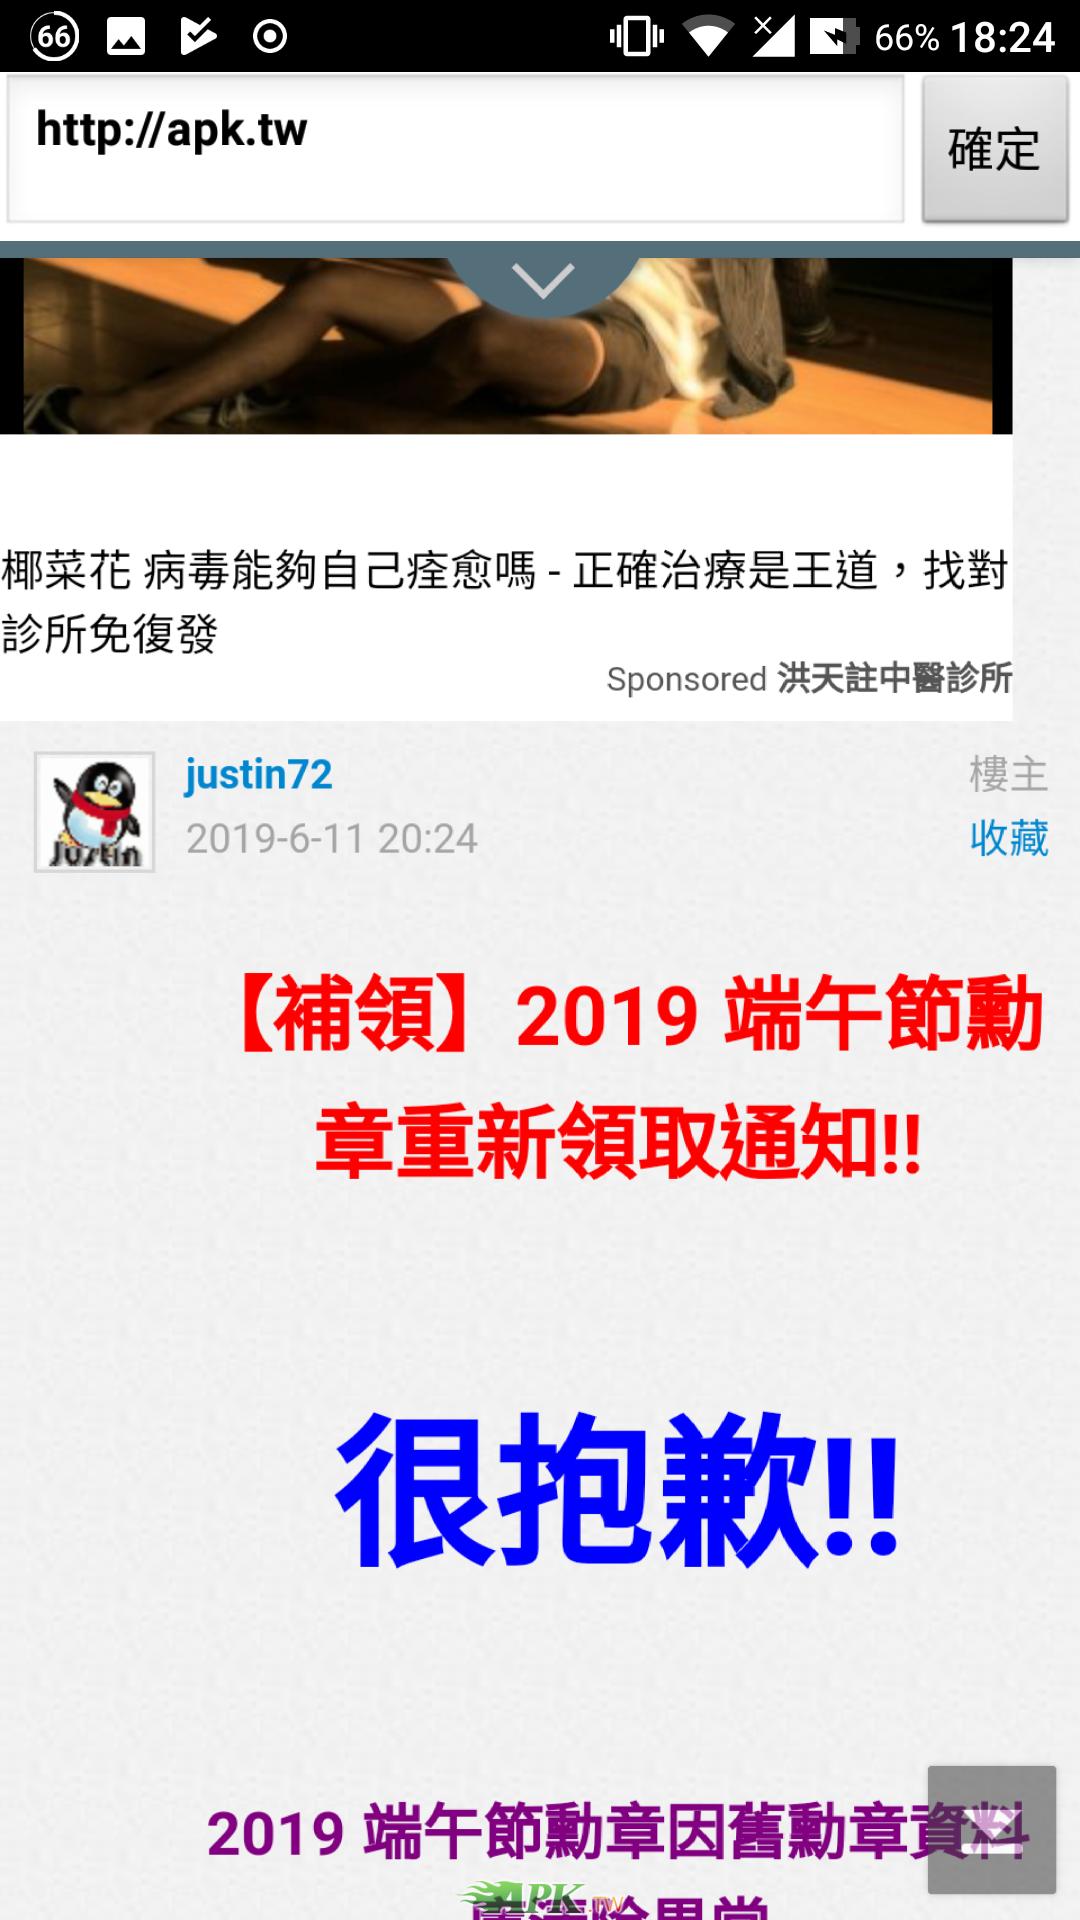 Screenshot_20190617-182447.jpg